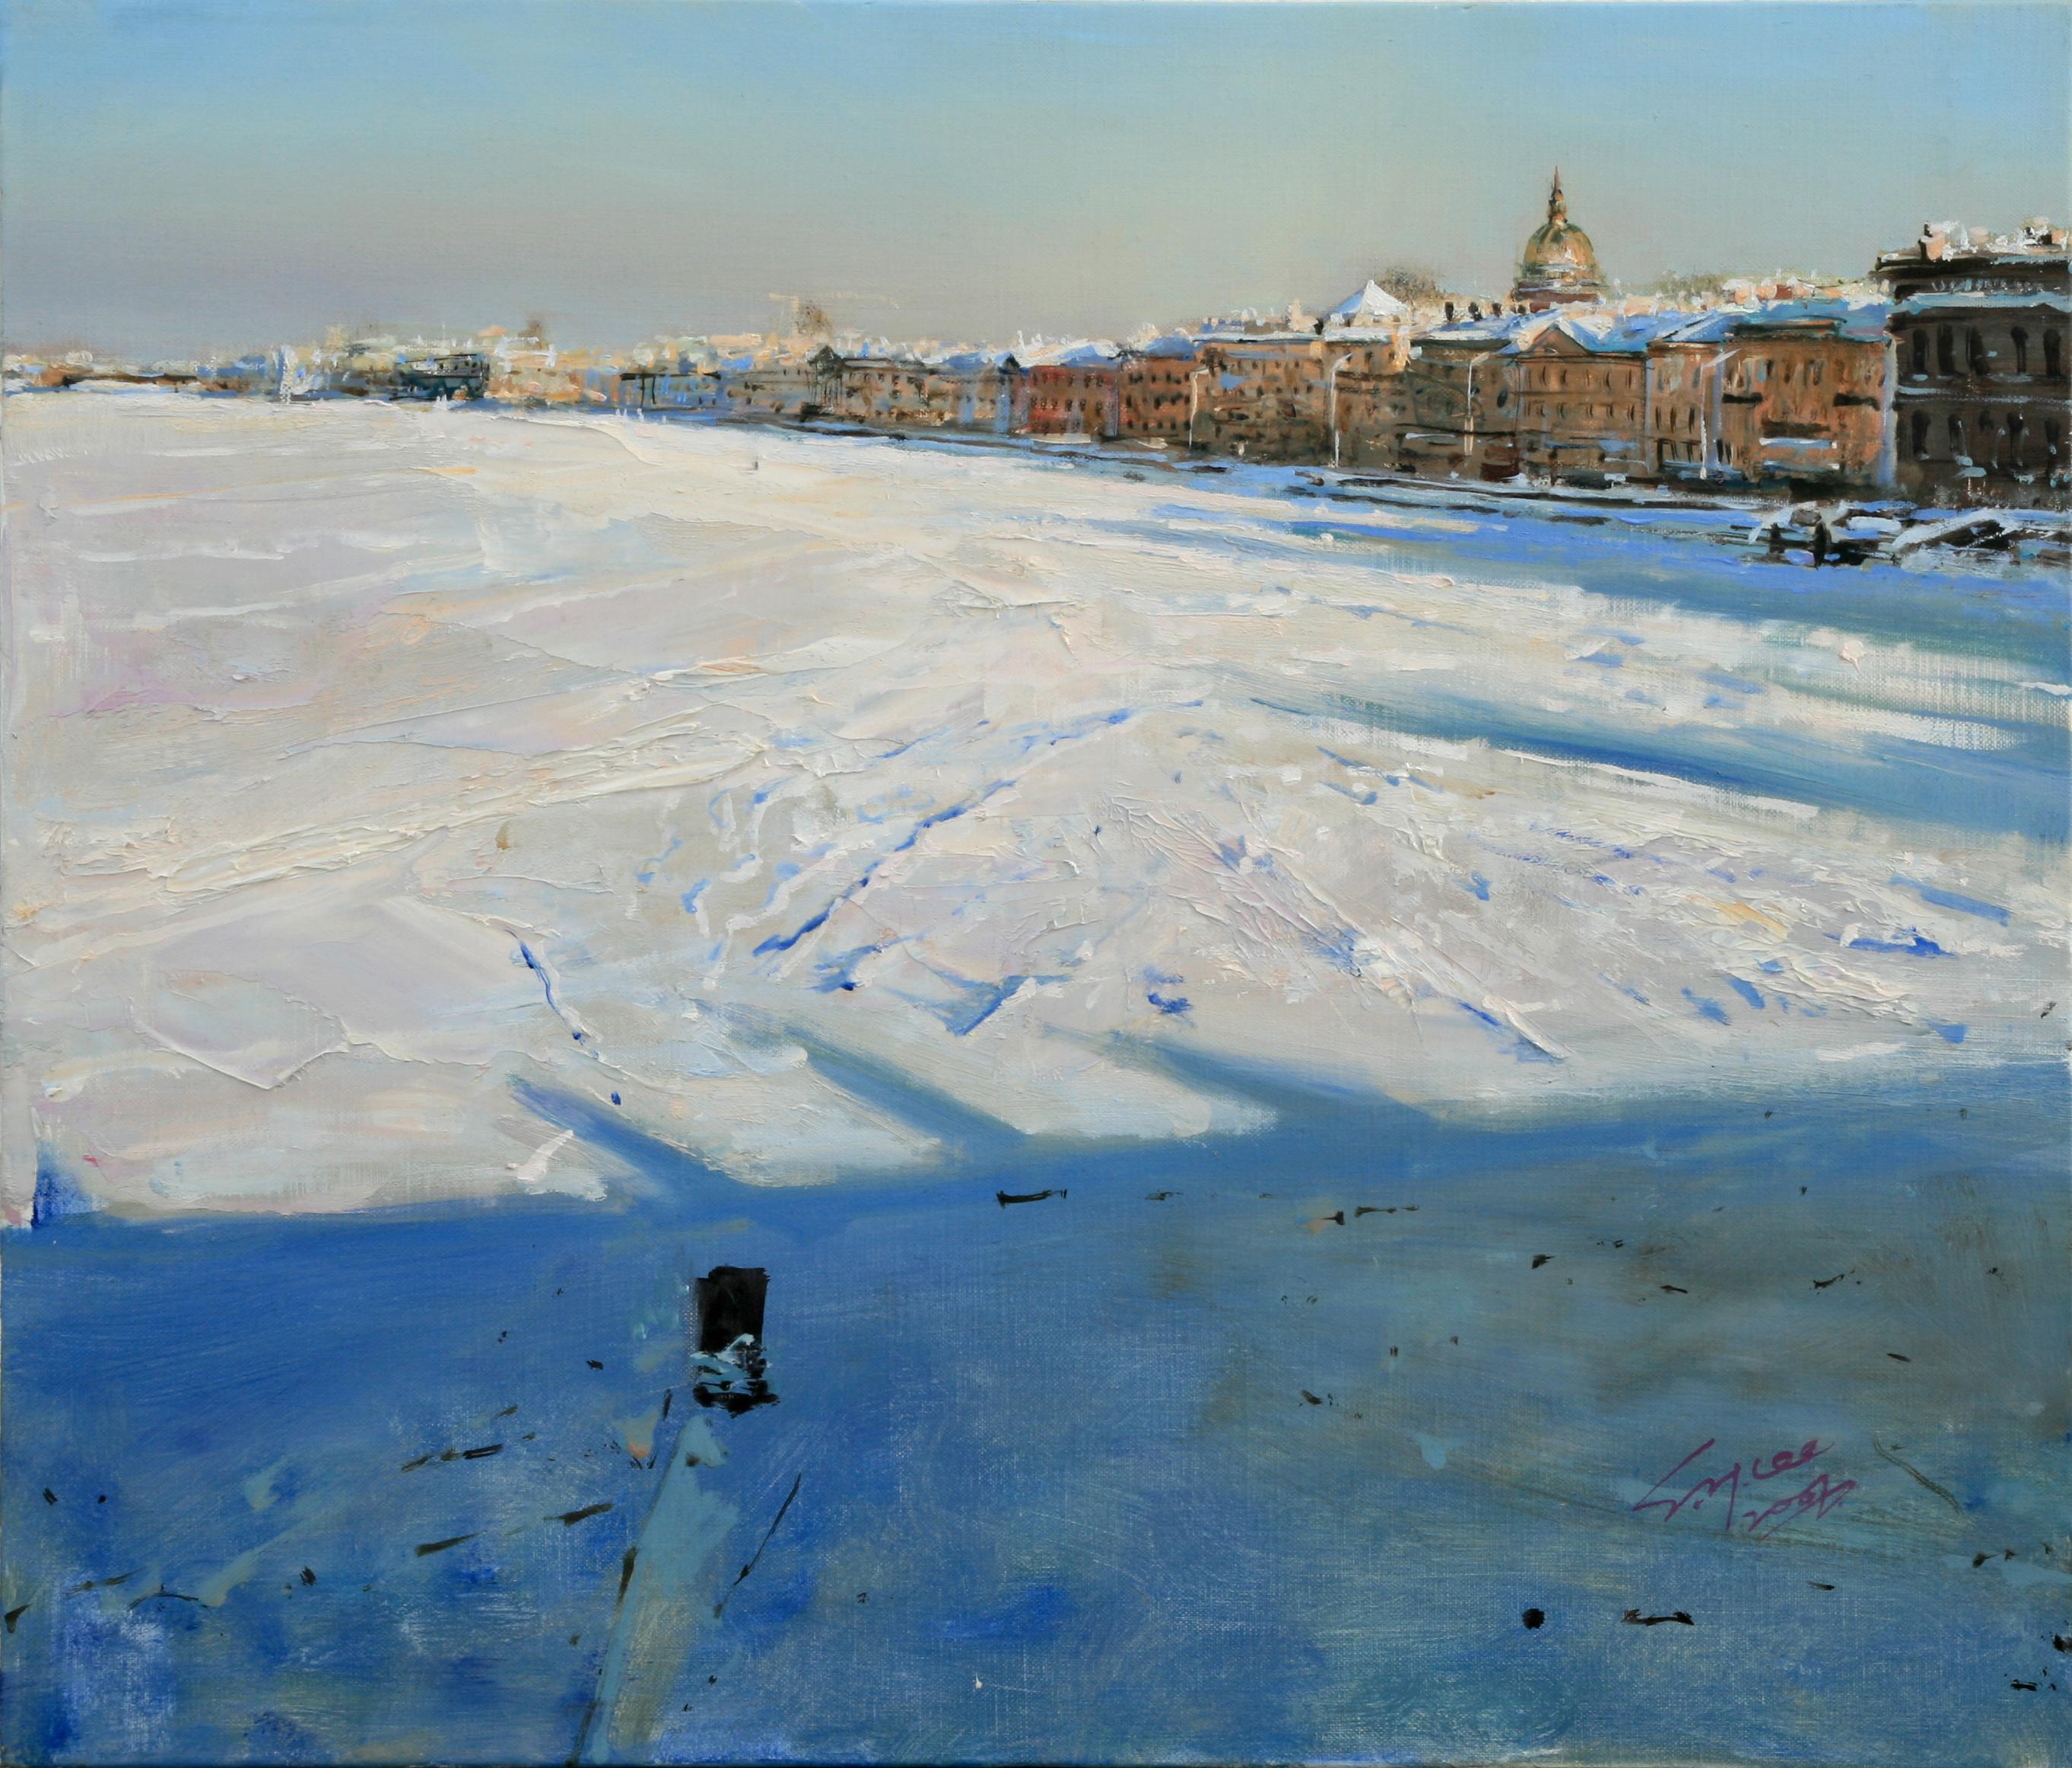 네바강 풍경 53x45.5  Oil on canvas 2007